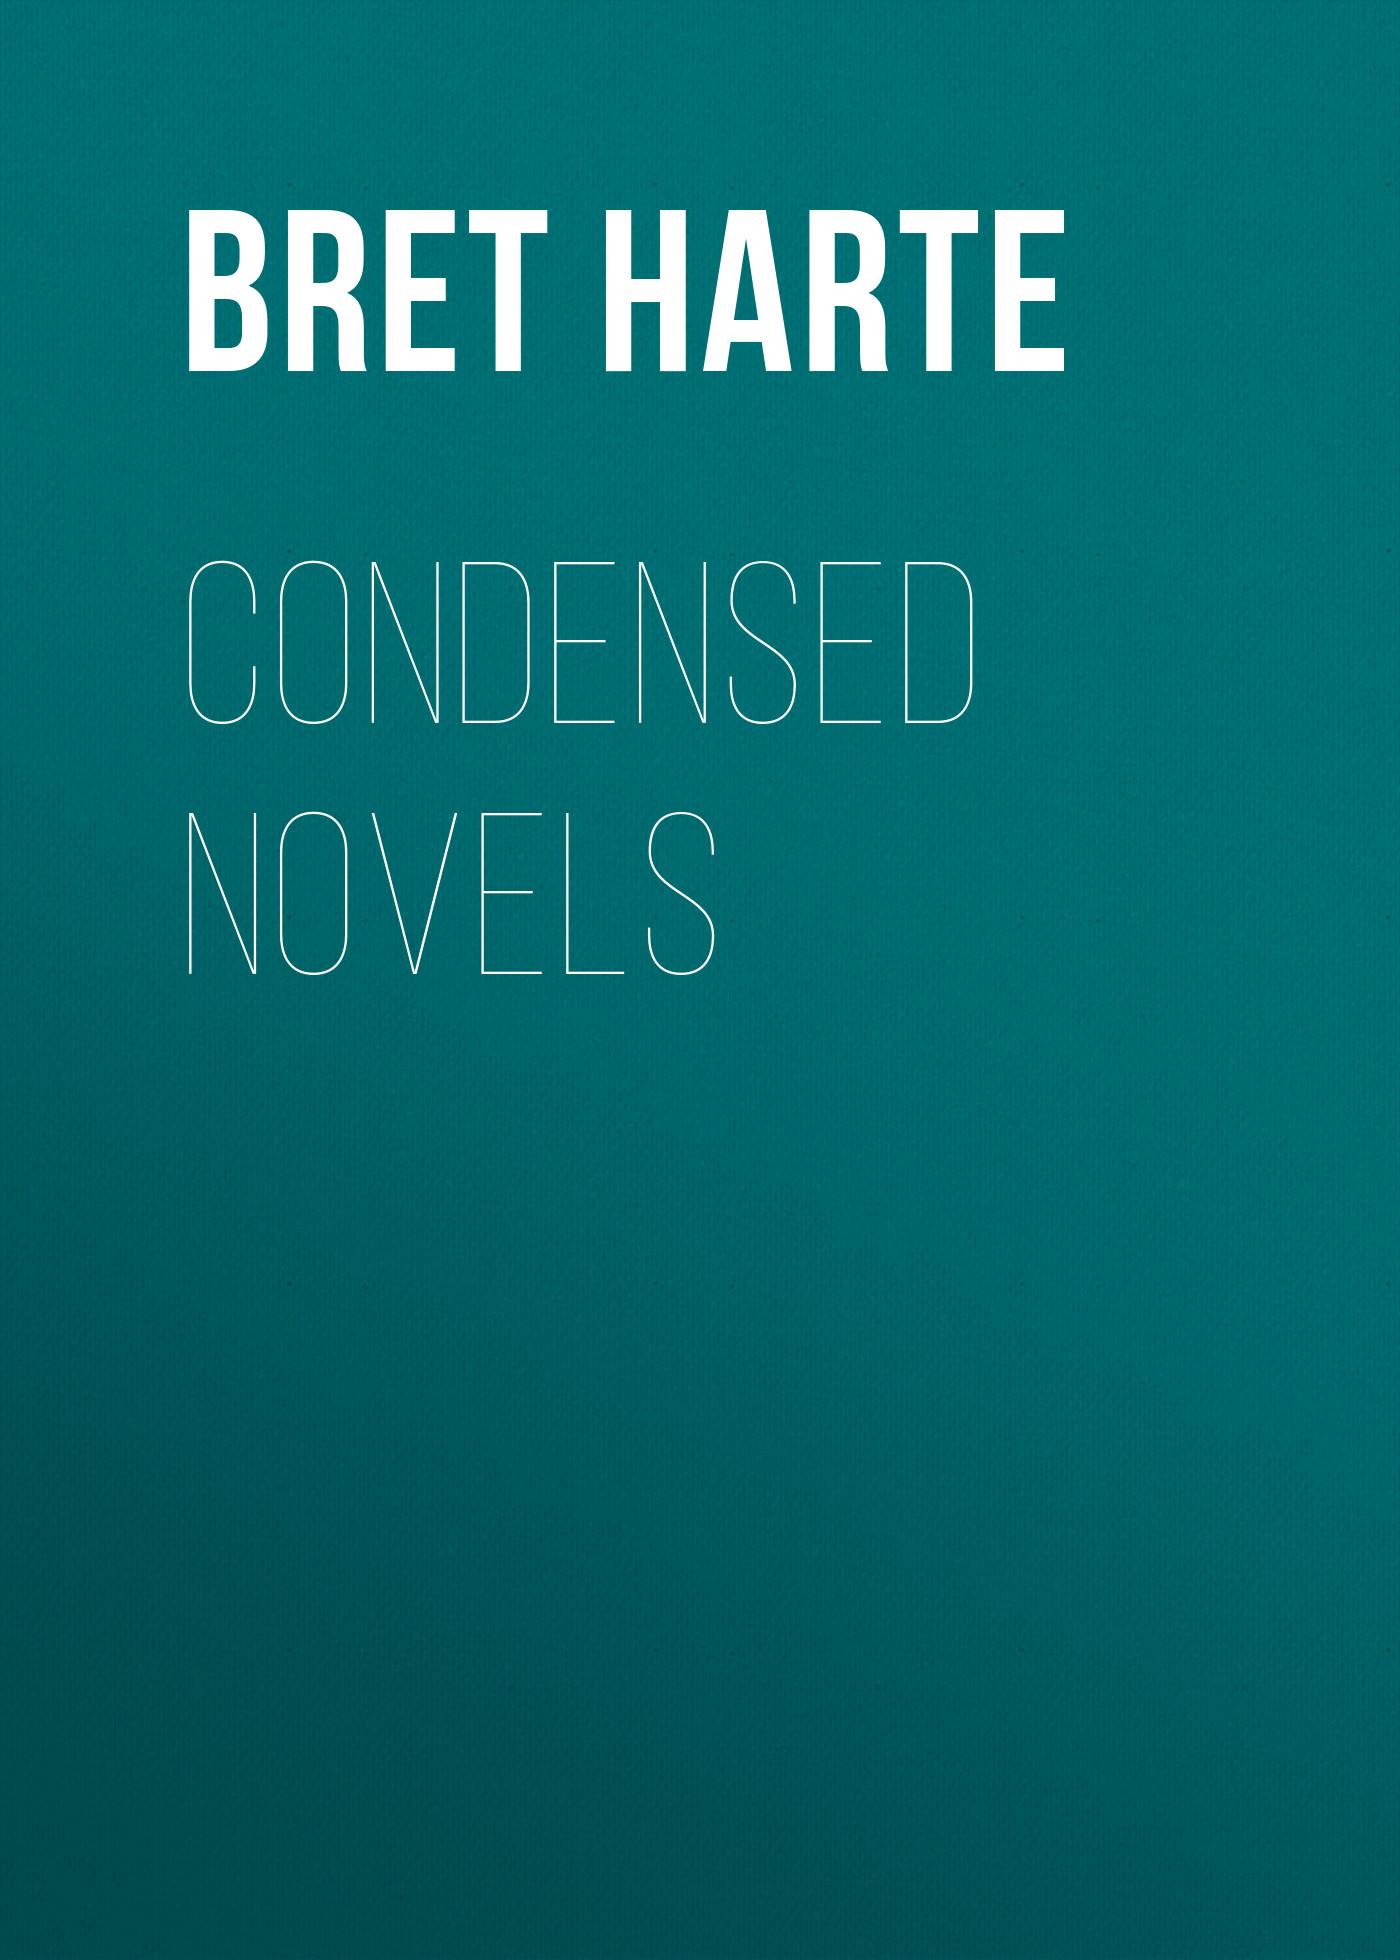 Bret Harte Condensed Novels